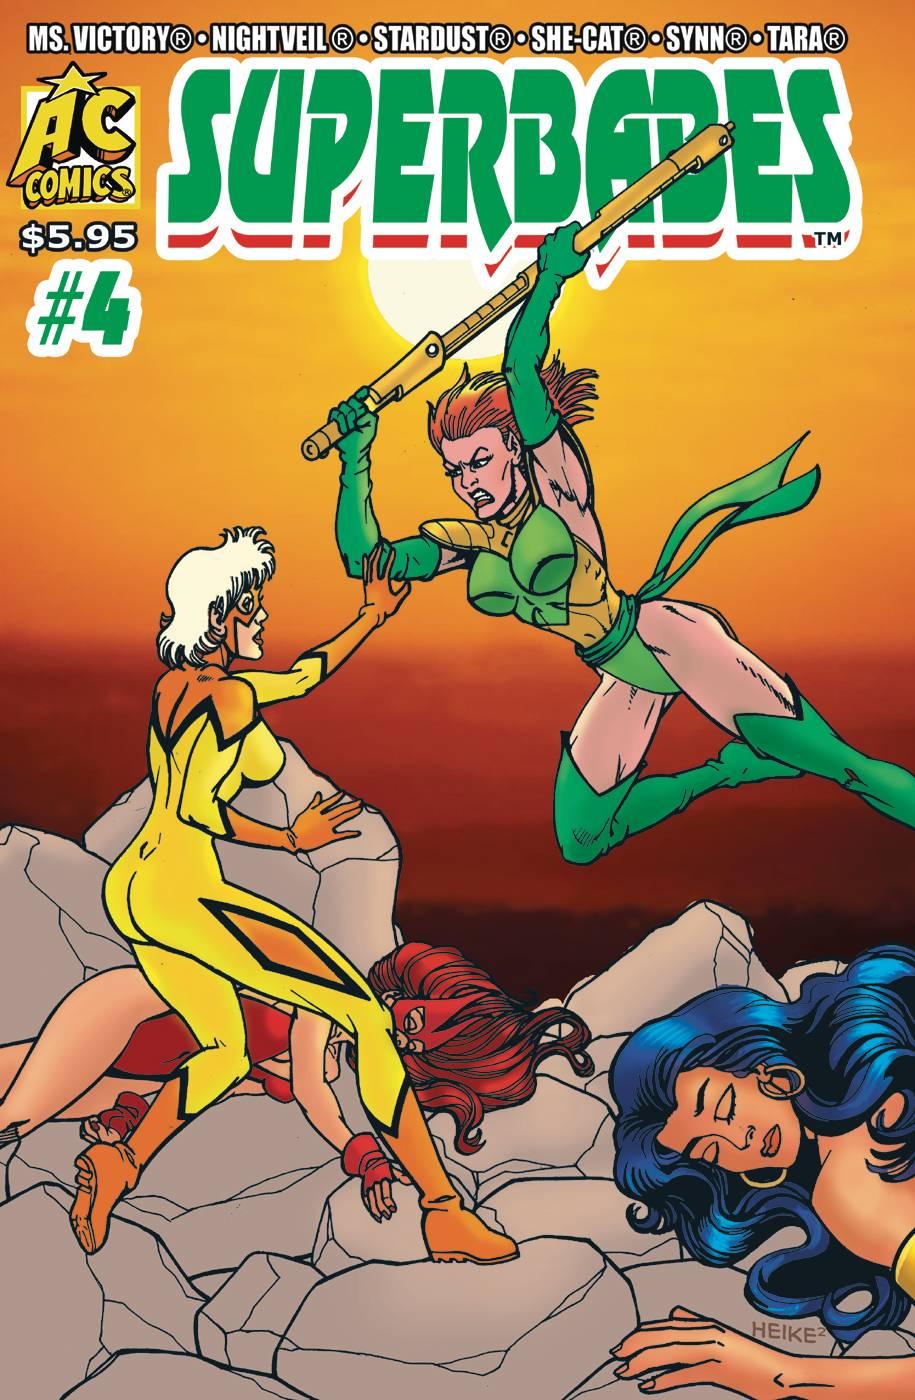 Superbabes: Starring Femforce #4 (2020)